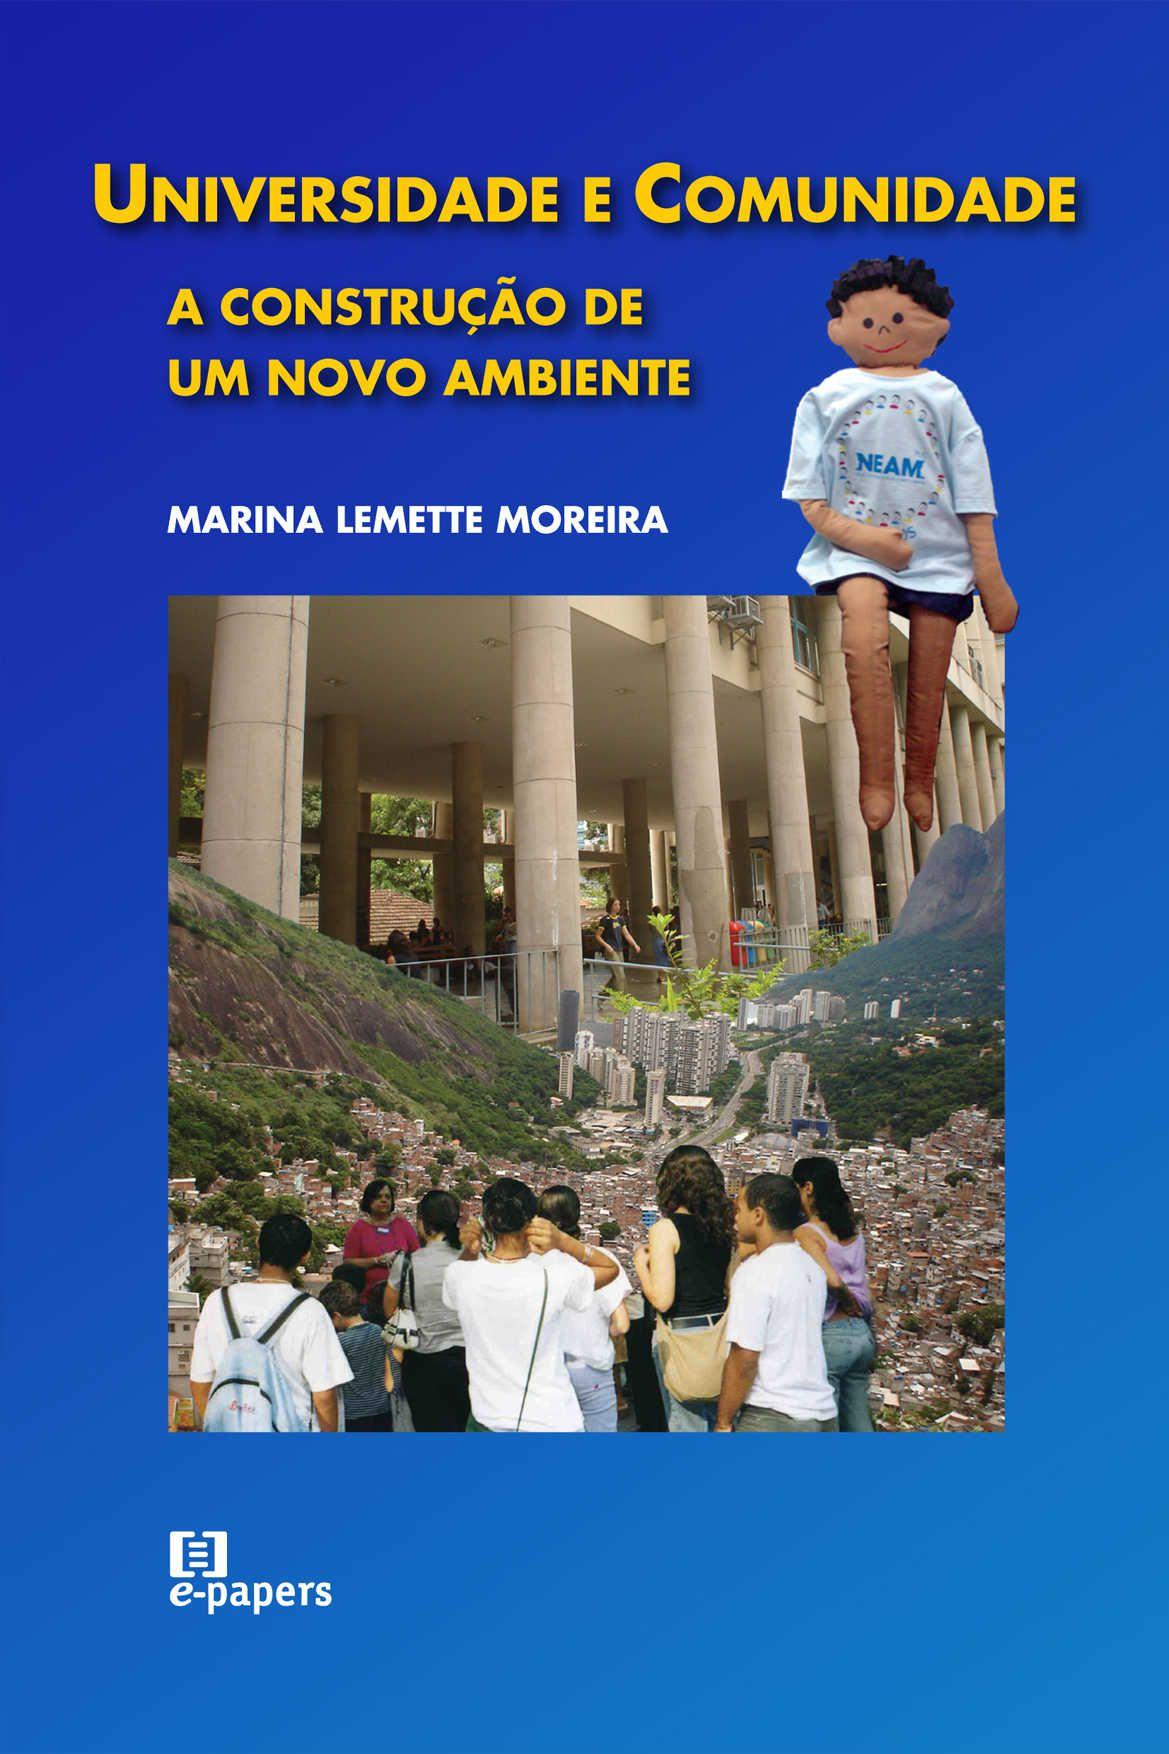 Universidade e Comunidade: A construção de um novo ambiente